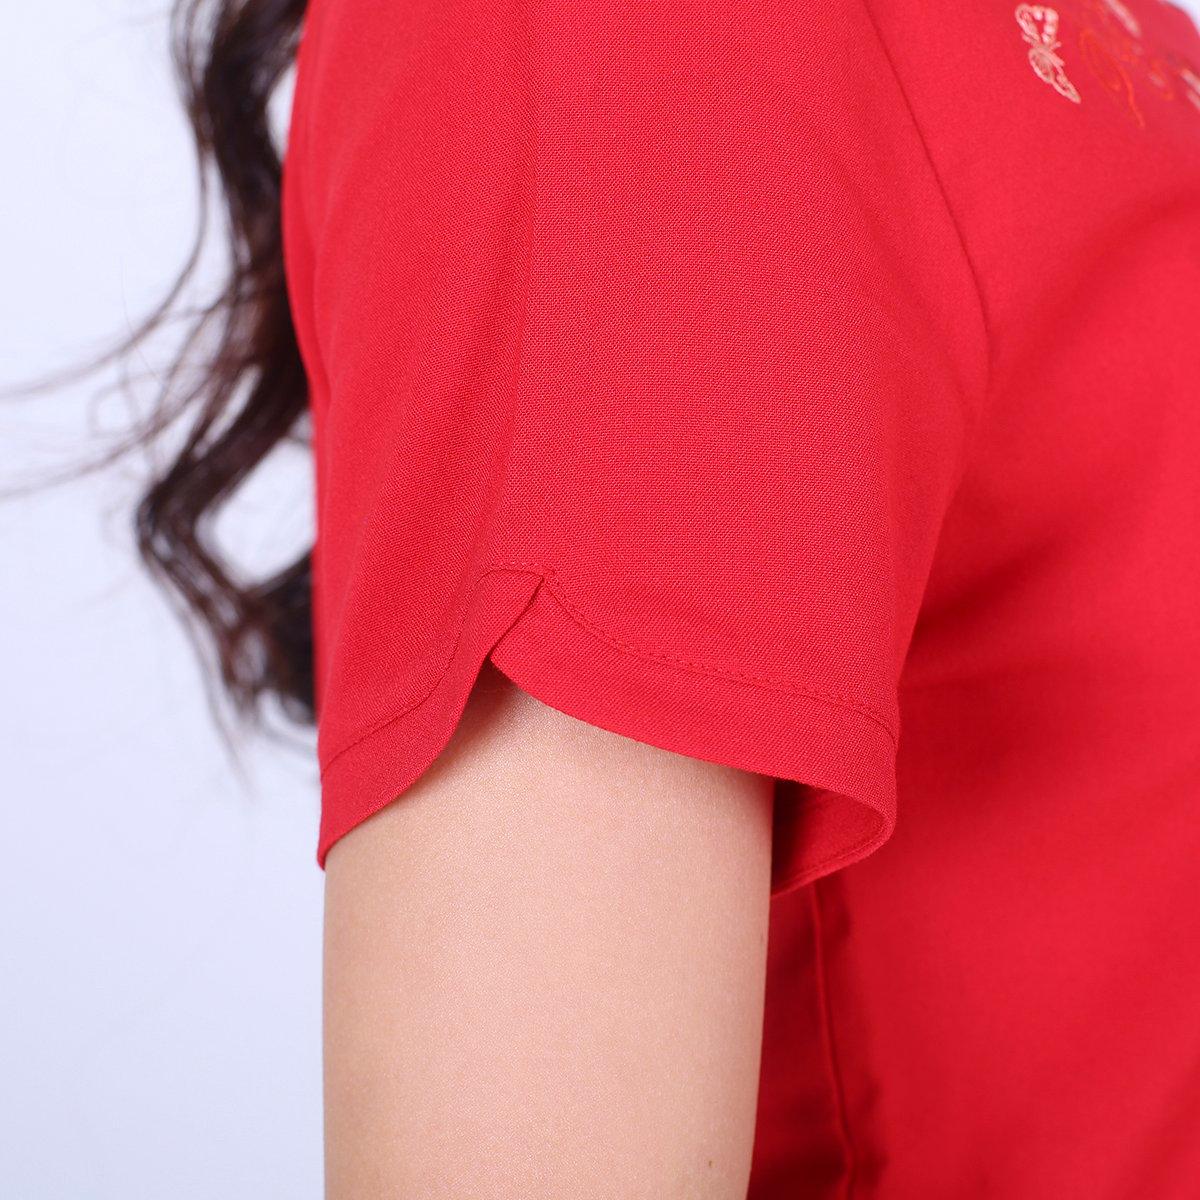 Bộ dài tay ngắn cao cấp paltal bdtn 483p 3083